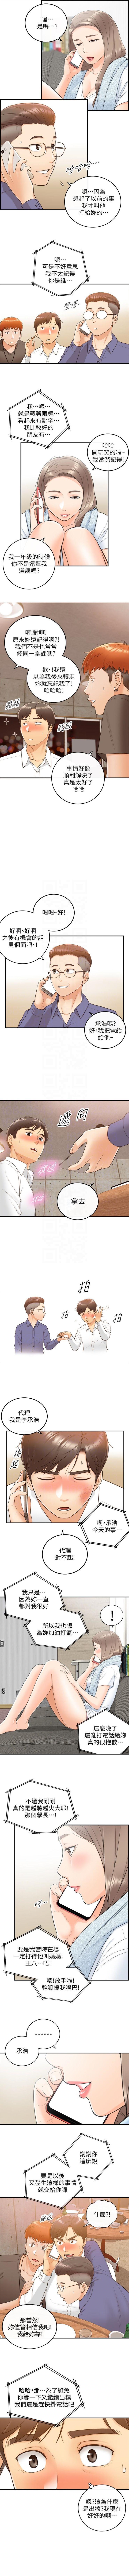 (週5)正妹小主管 1-39 中文翻譯(更新中) 54